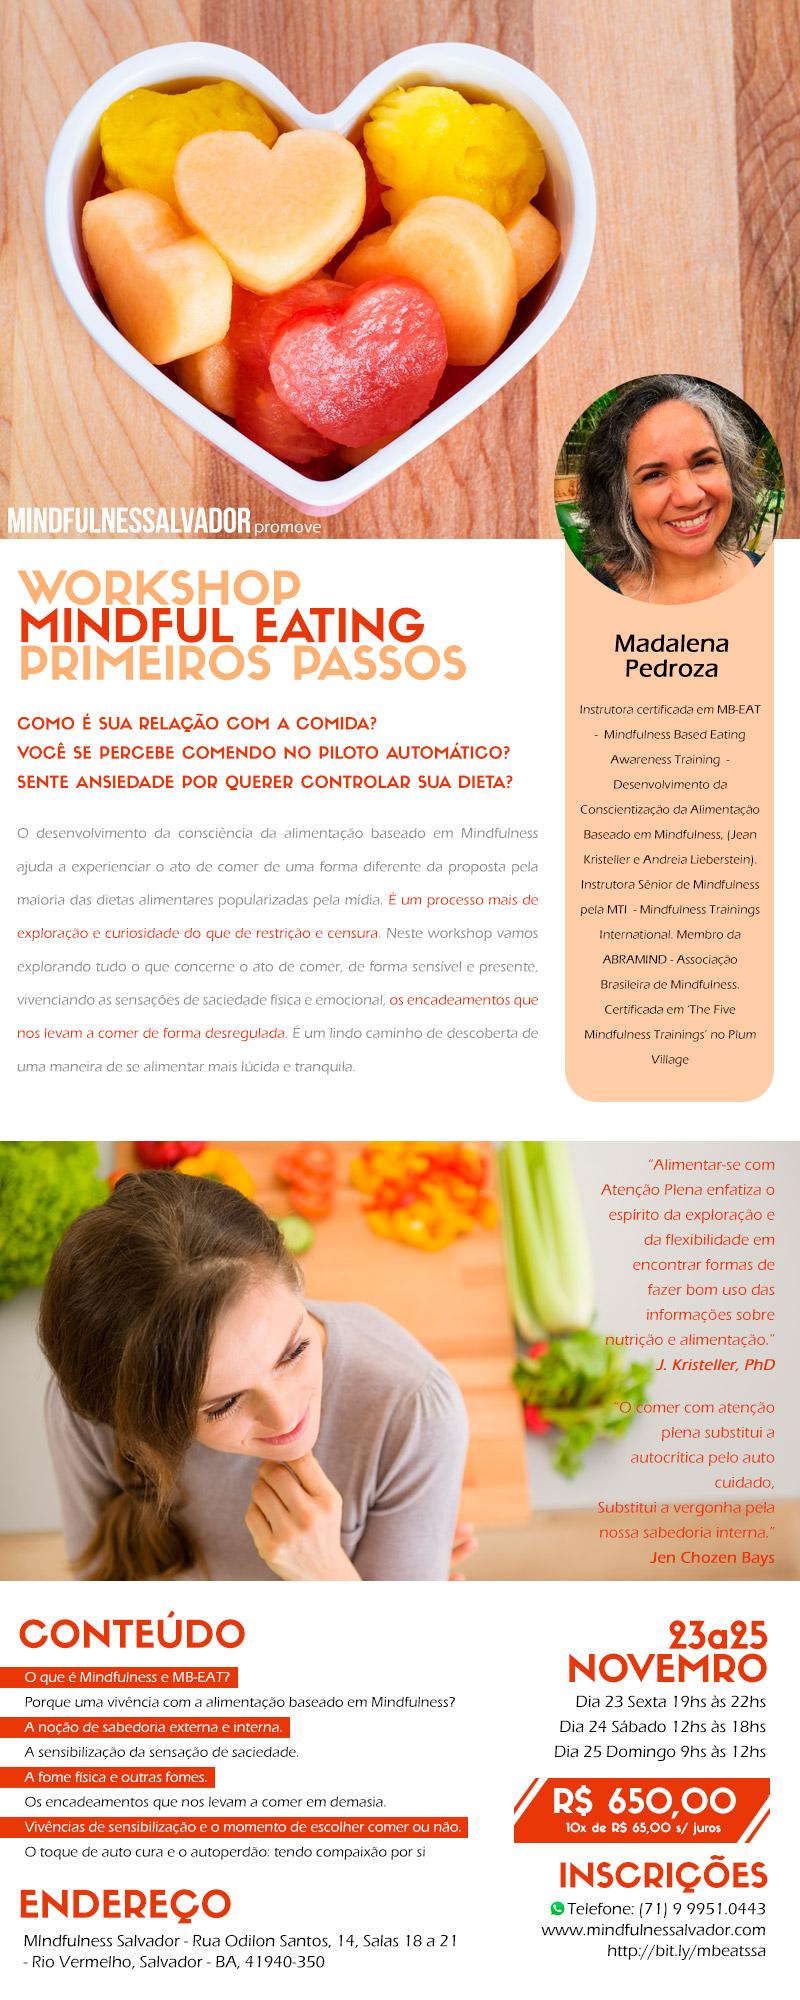 Mindful Eating Salvador Bahia